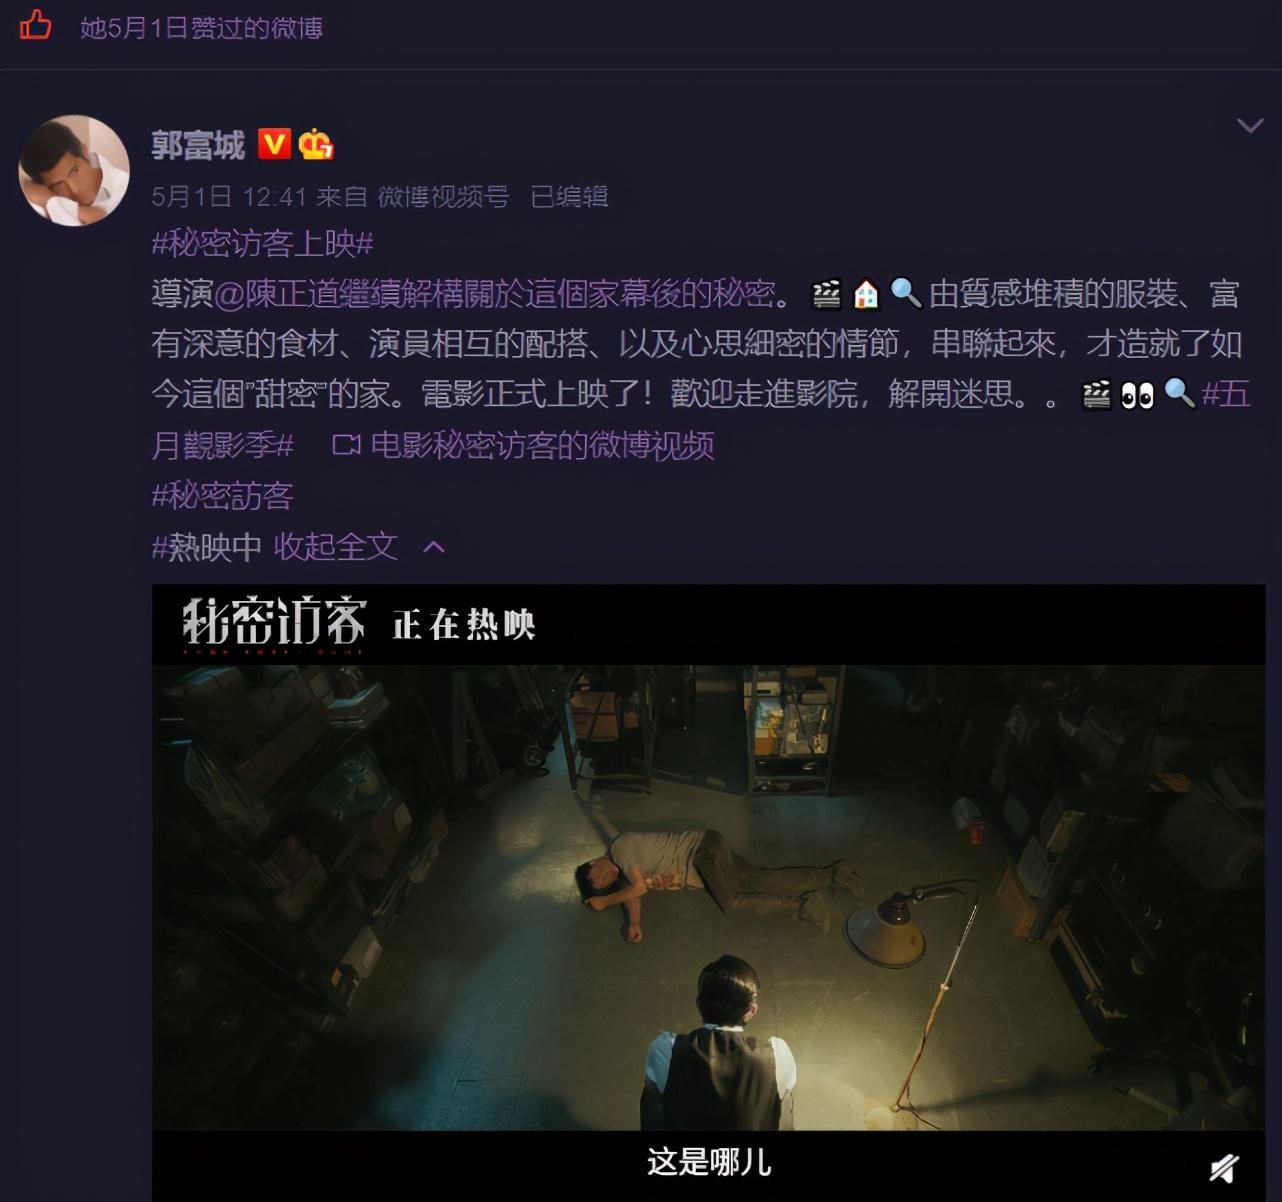 方媛帶閨蜜支持郭富城新作,變影迷舉海報宣傳,還掏錢請網友觀影